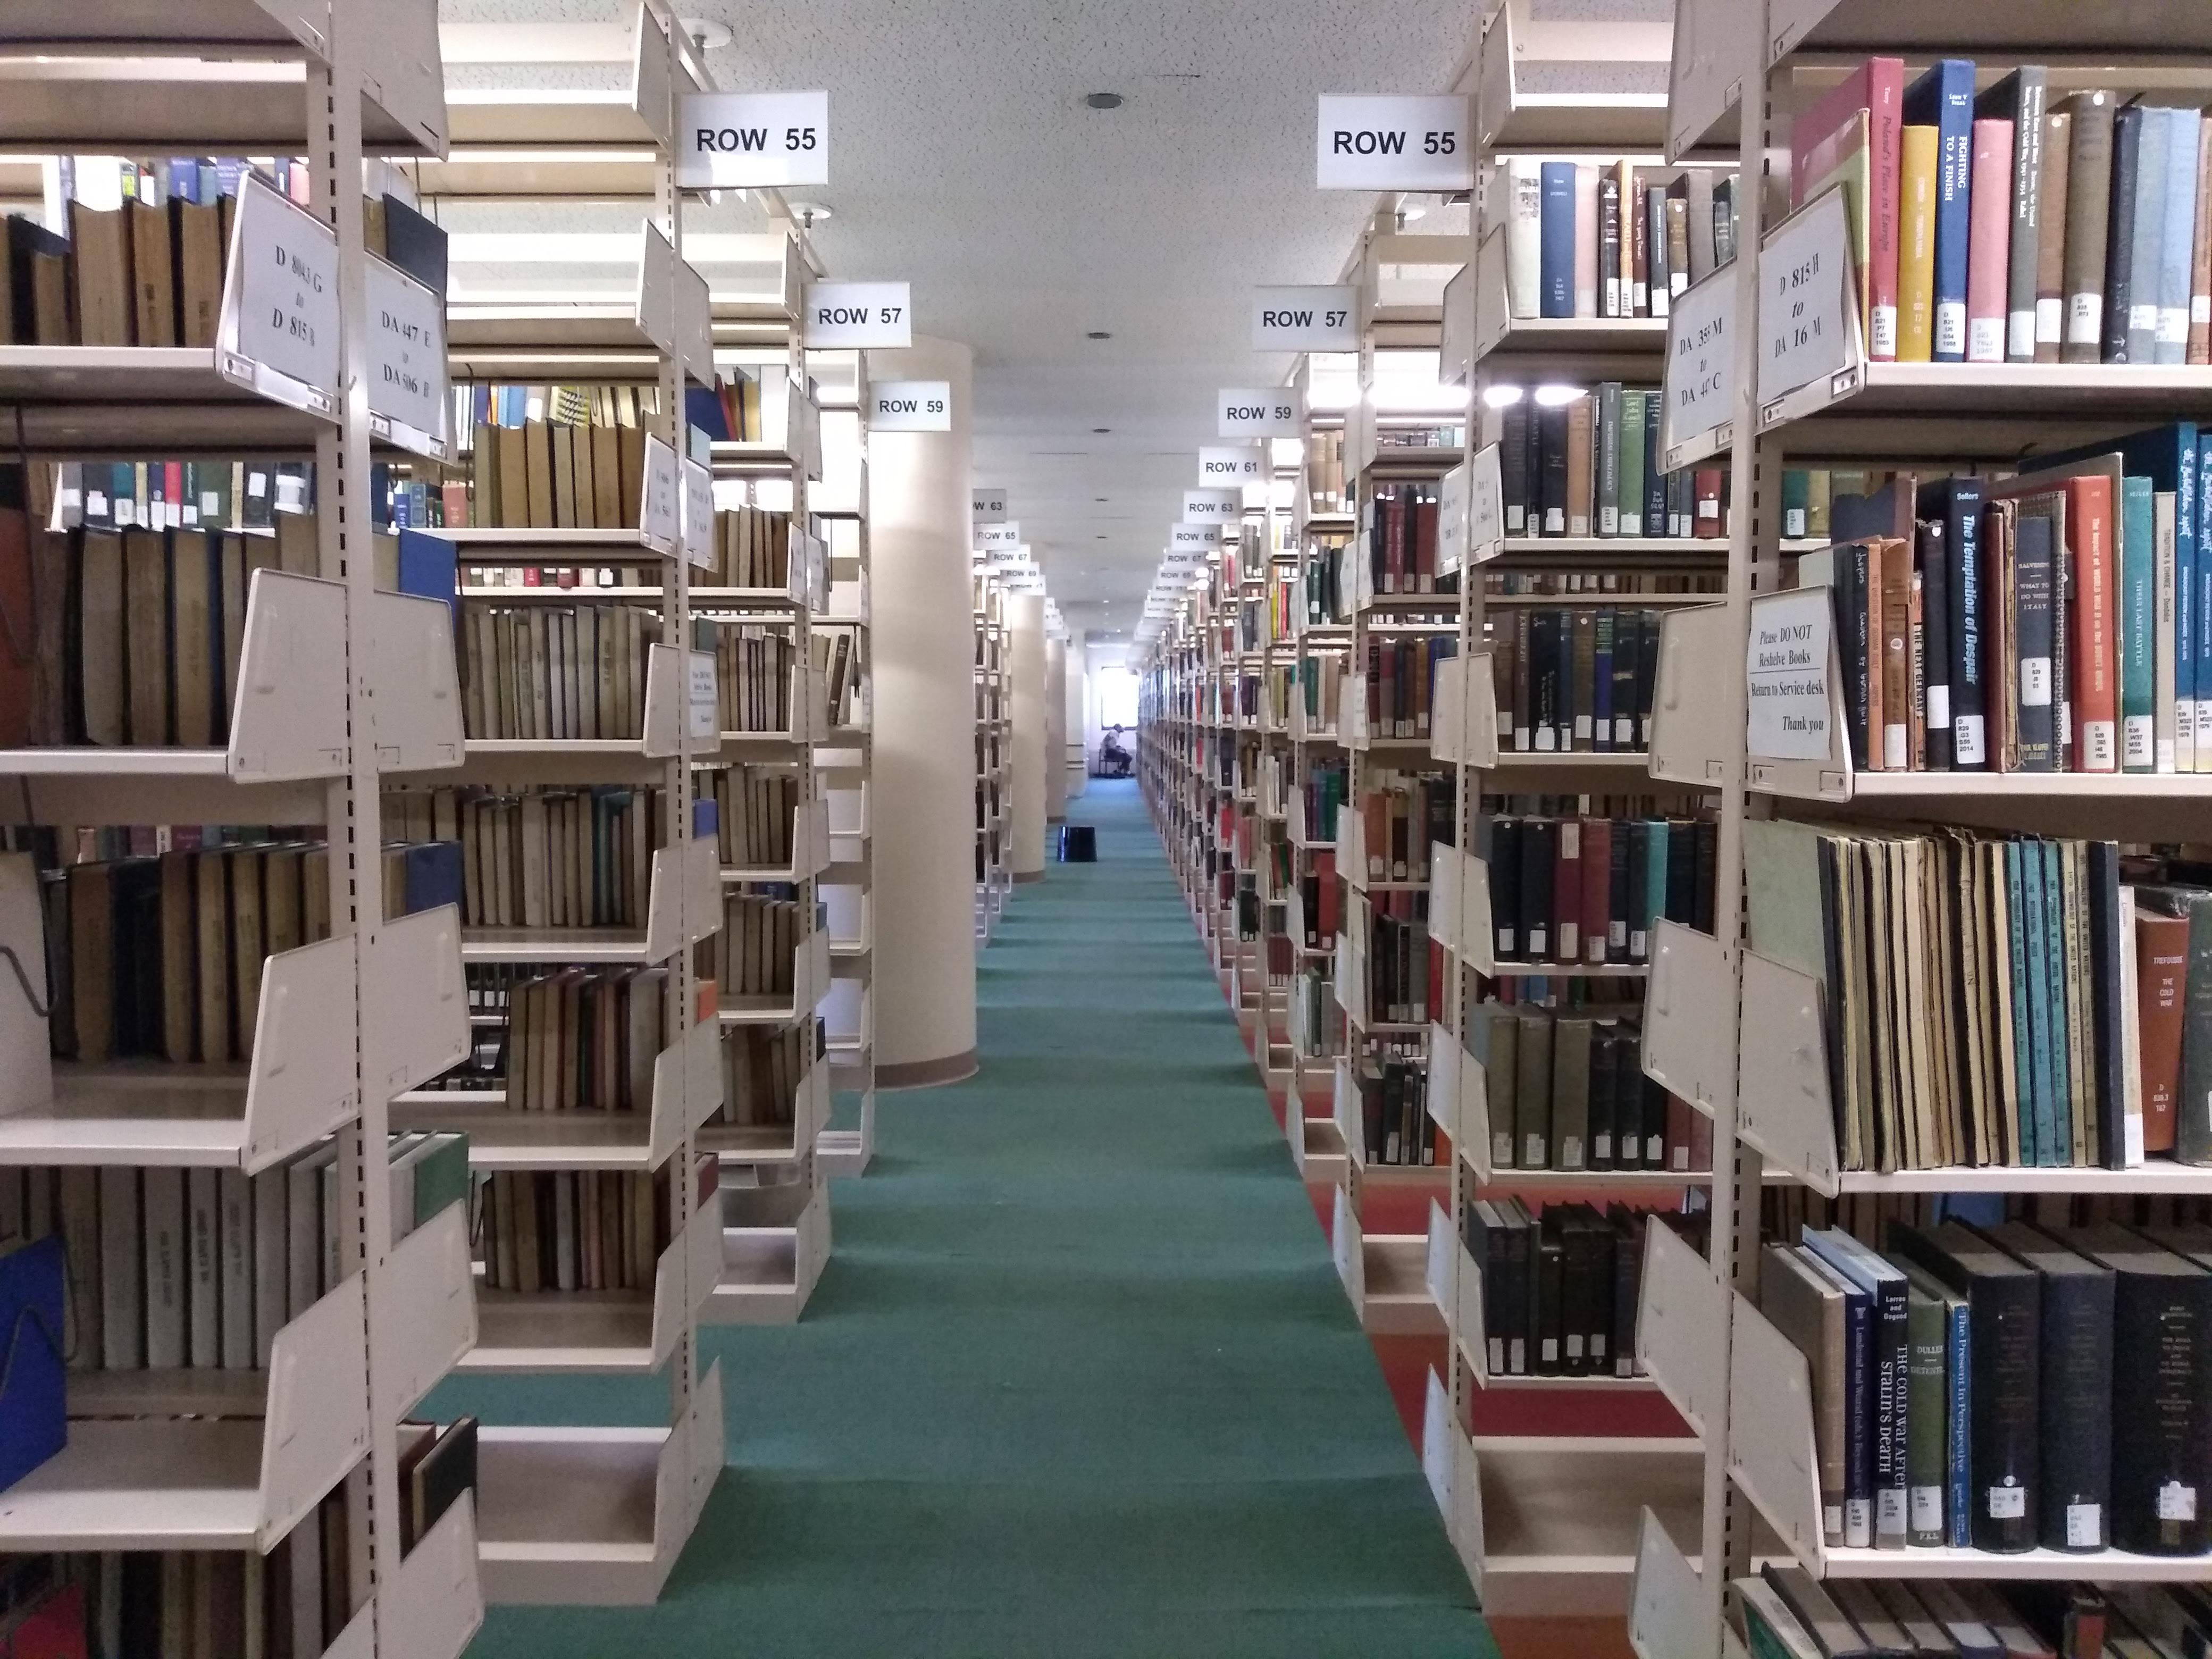 Books D-H